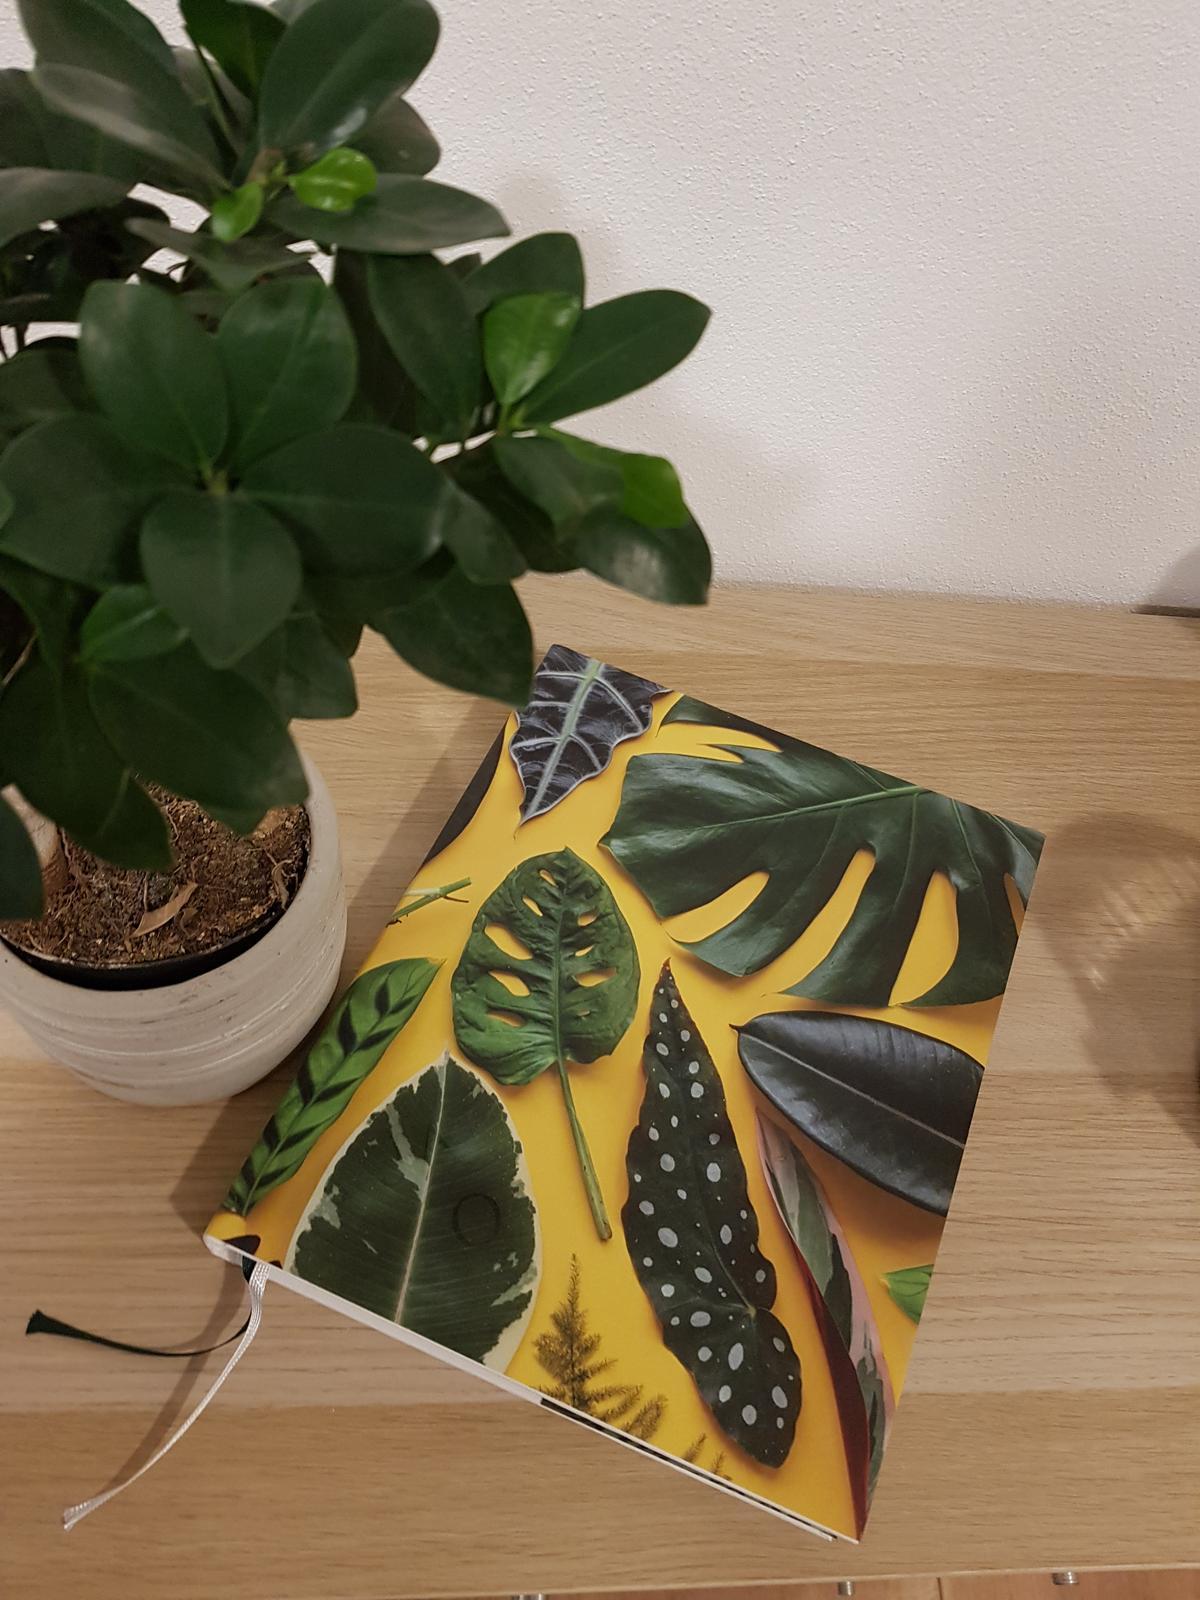 Moje krásne kvetinky - Kniha: Pokojovky a jak se o ne starat...velmi pekne spracovana